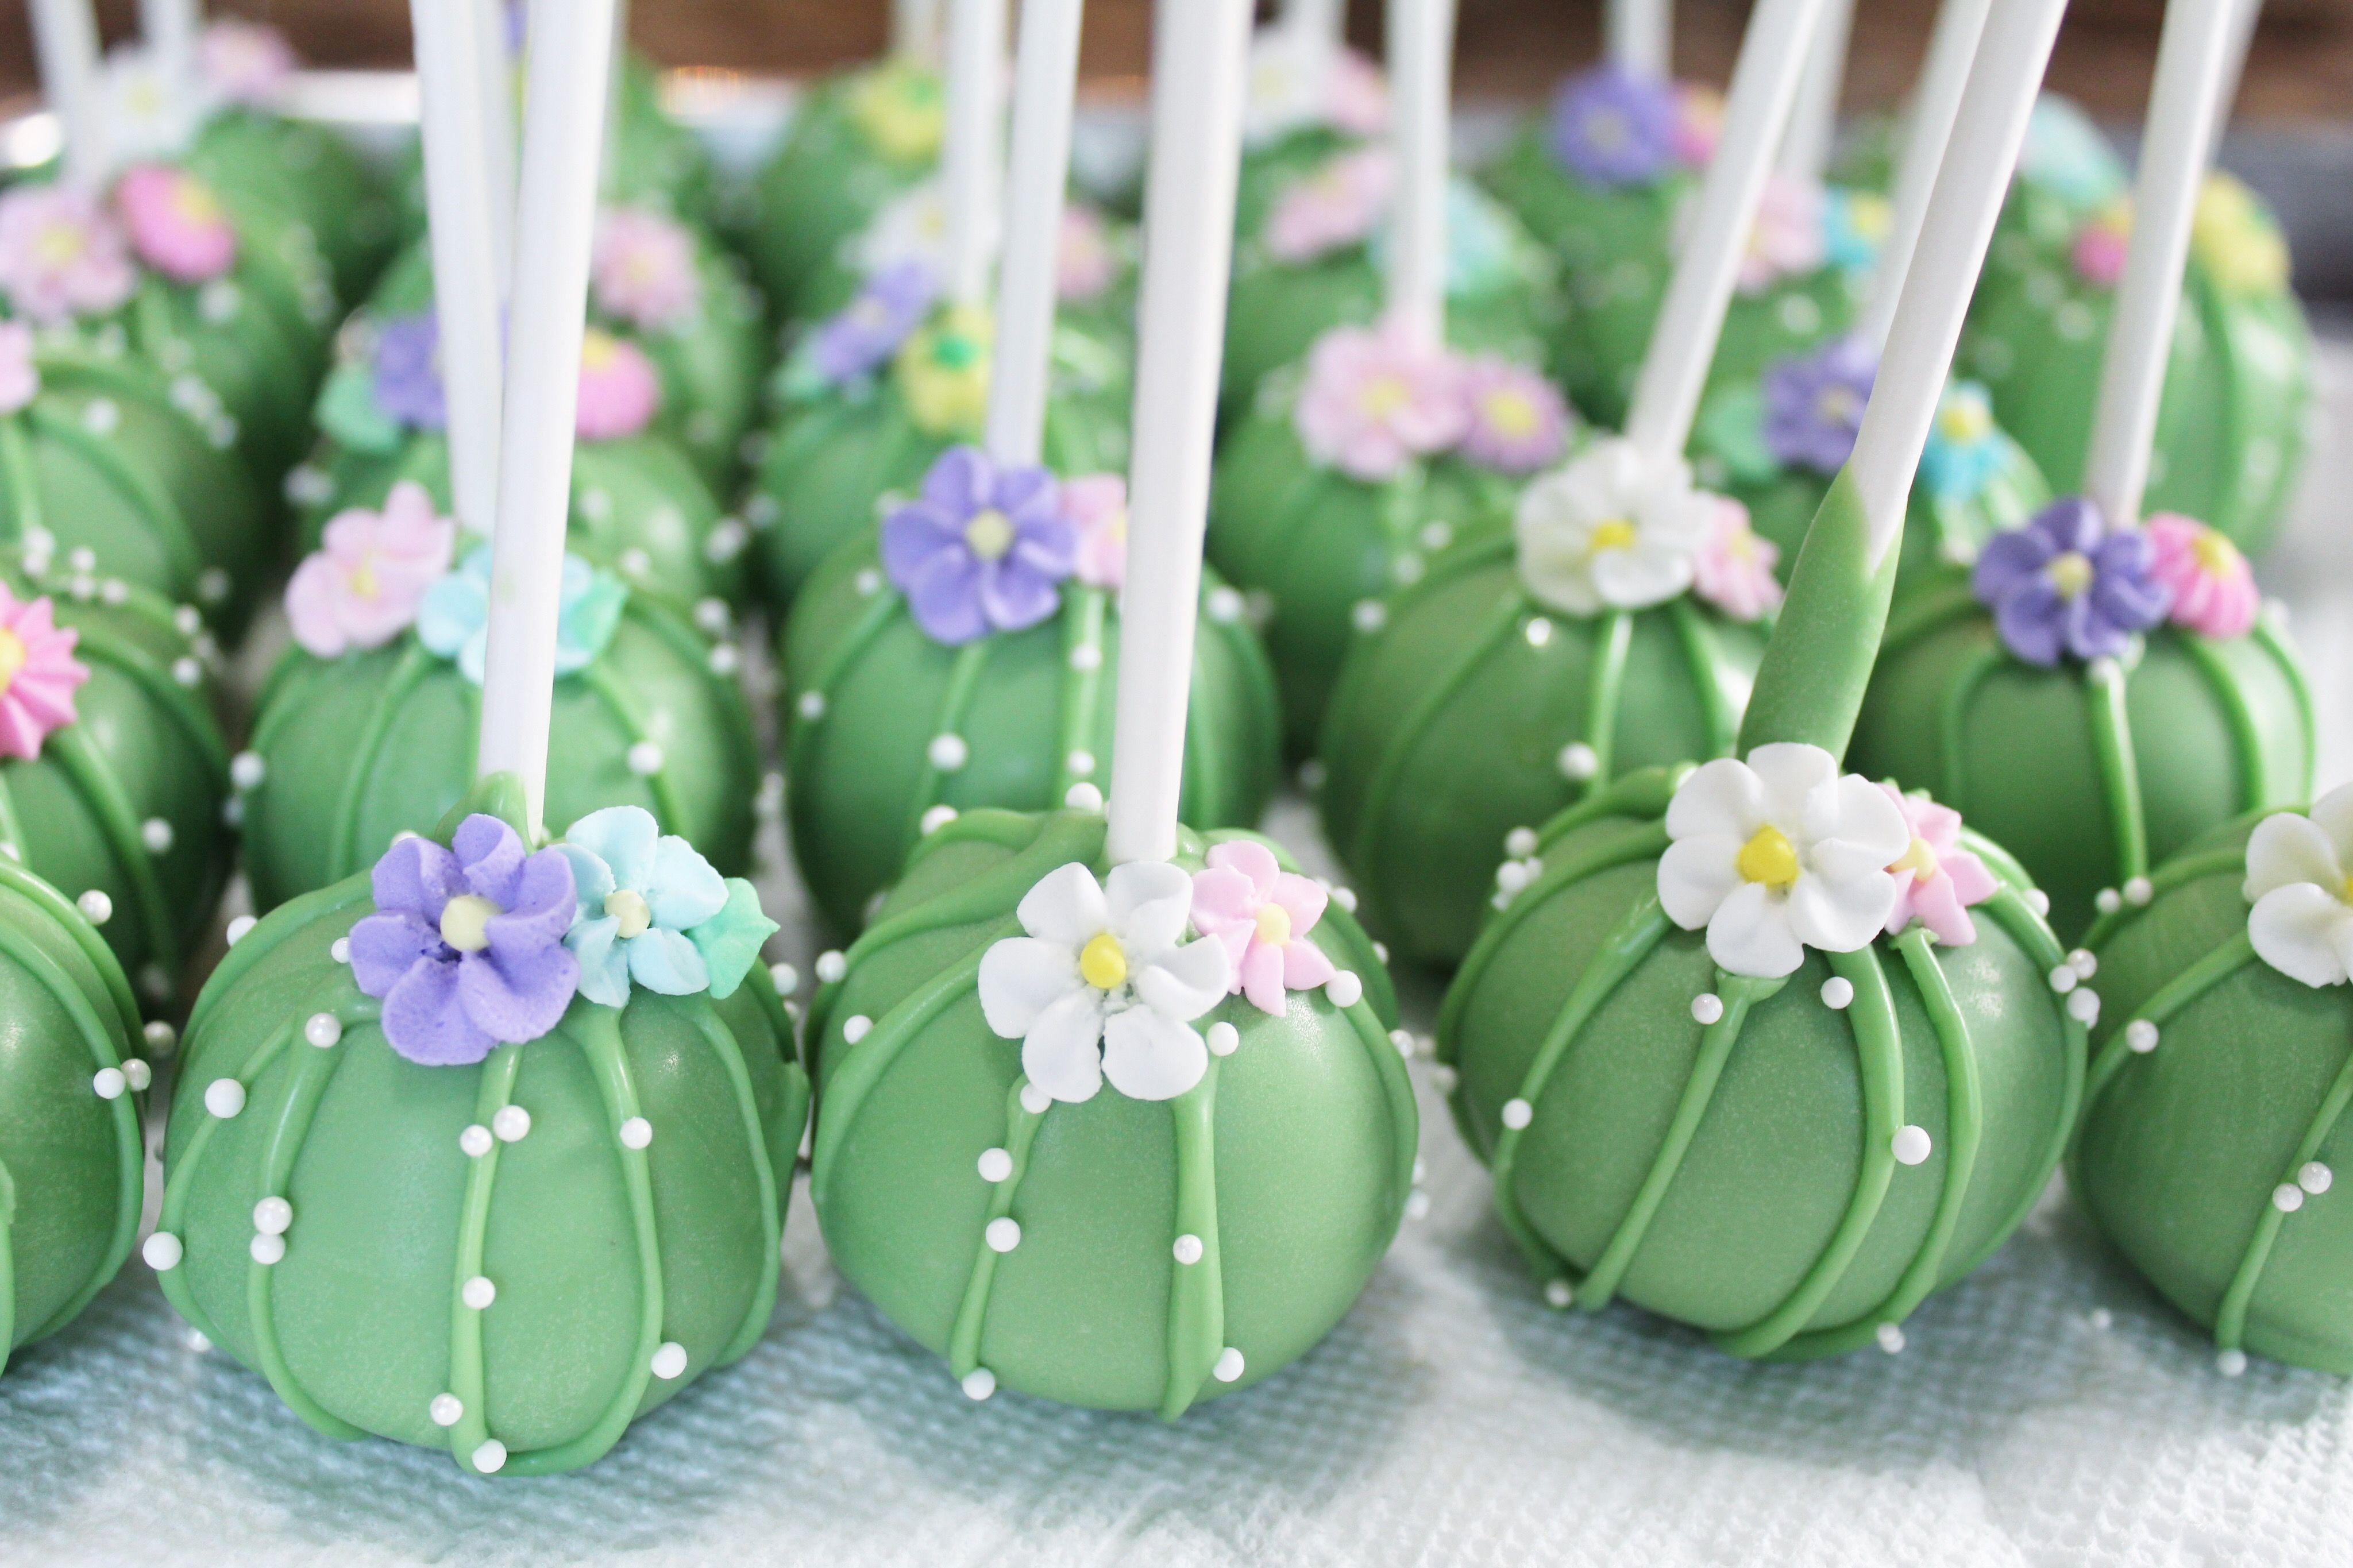 Cactus Cake Pops Cactus Cupcakes Cactus Cactuscupcakes Cake Cupcakes Pops In 2020 Cactus Cake Cake Pops Cactus Cupcakes